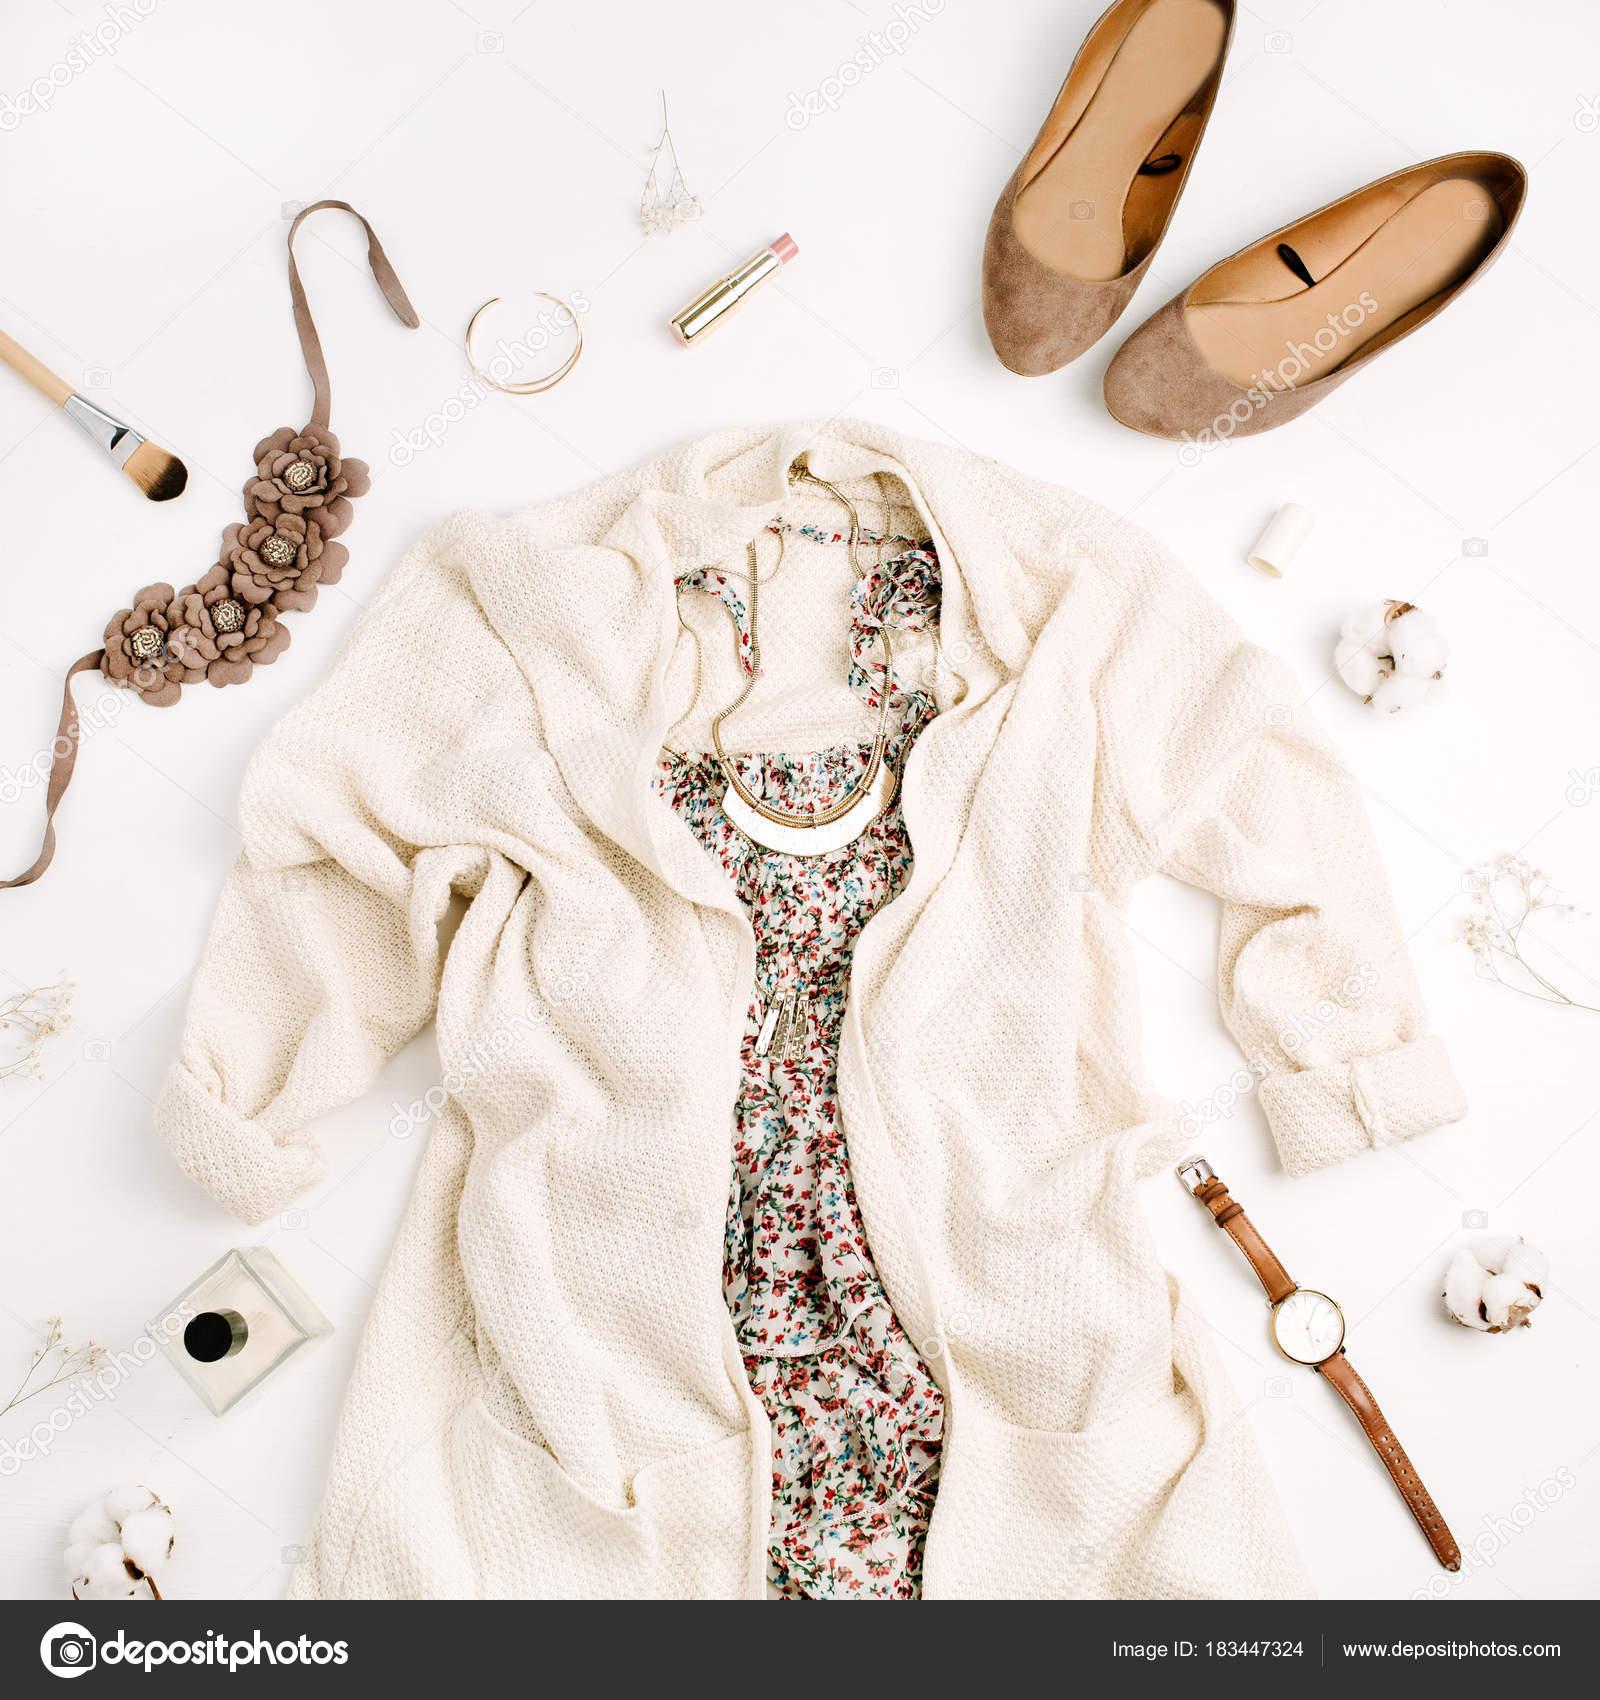 7dc6aded1a Lapos laikus divat fogalmát. Női ruhák és kiegészítők: pulóver, ruha, cipő,  órák, parfüm, rúzs, karkötő, nyaklánc, fehér háttér.